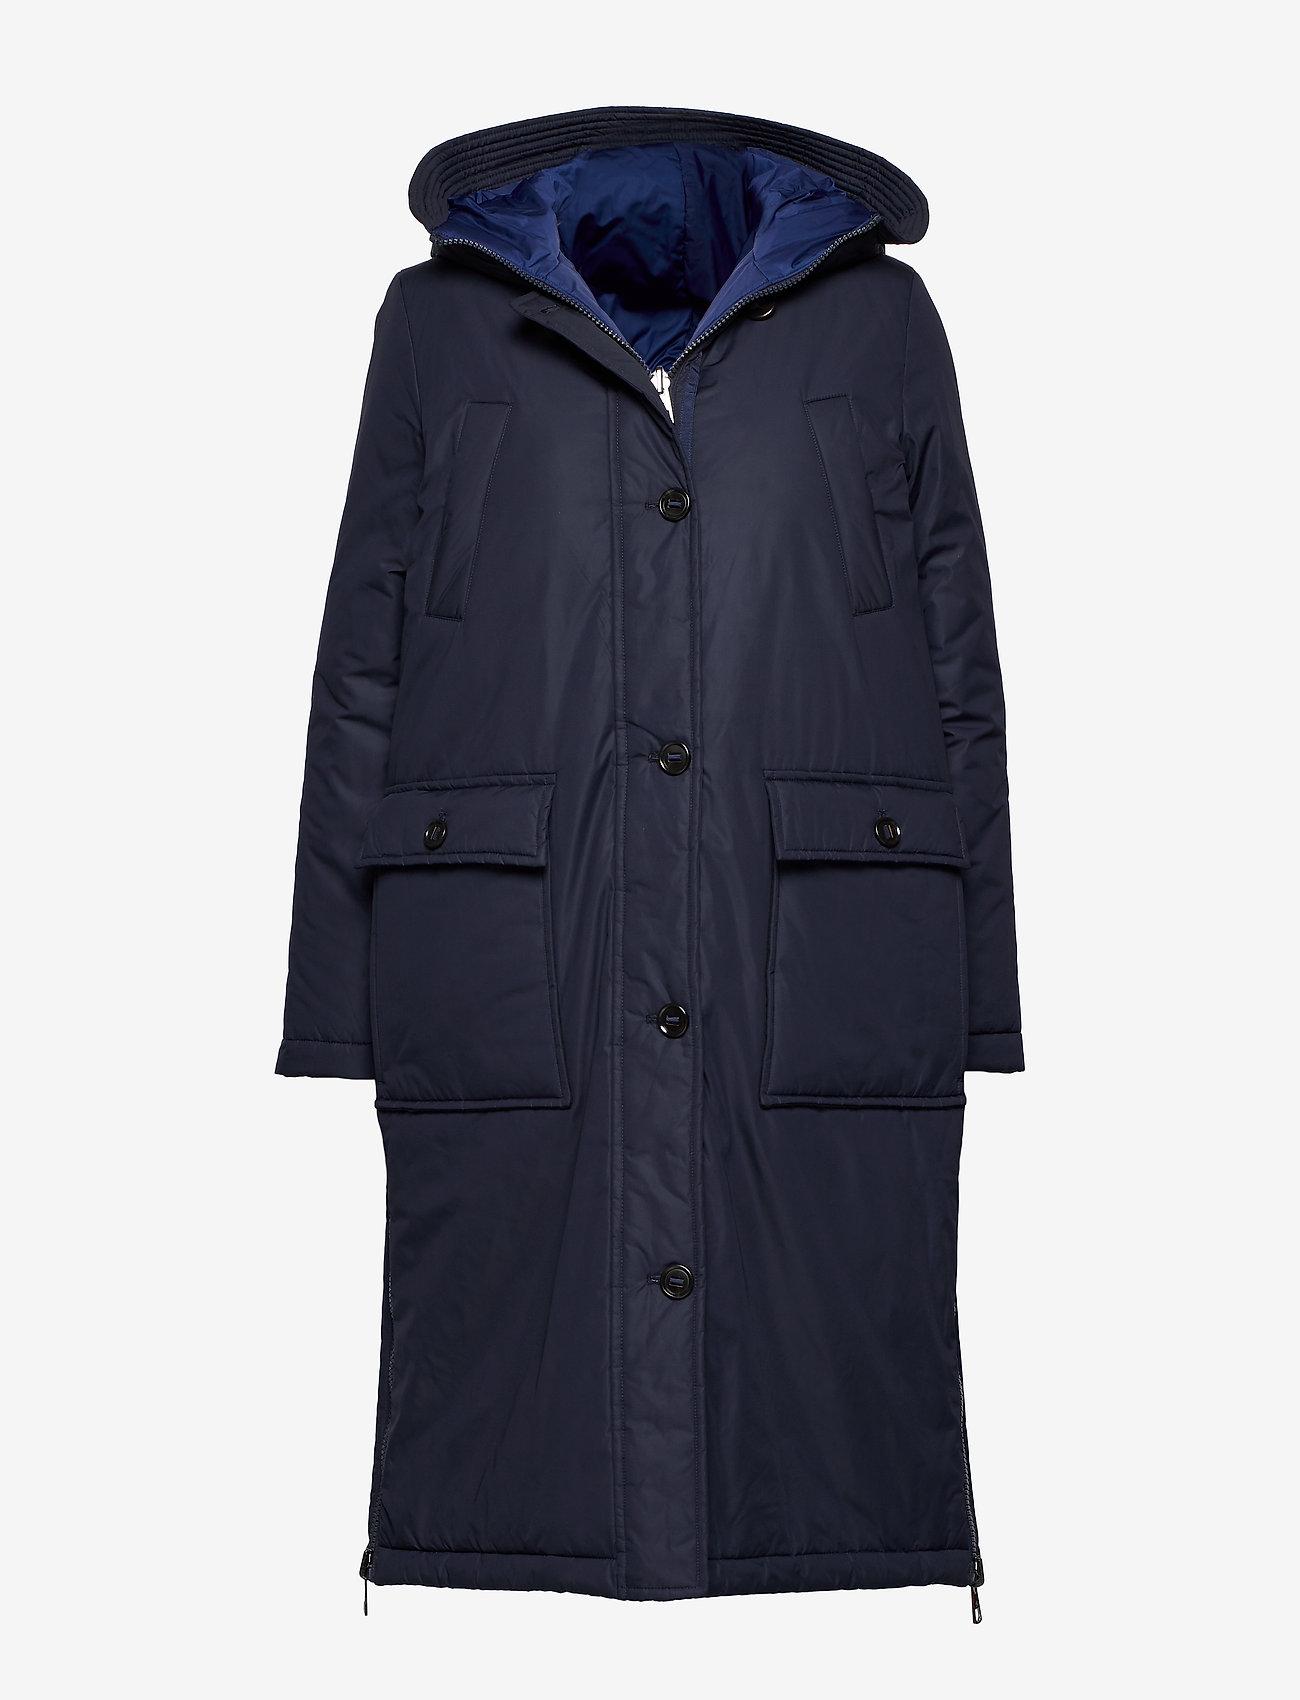 Marc O'Polo - Big puffer coat - dynefrakke - midnight blue - 0